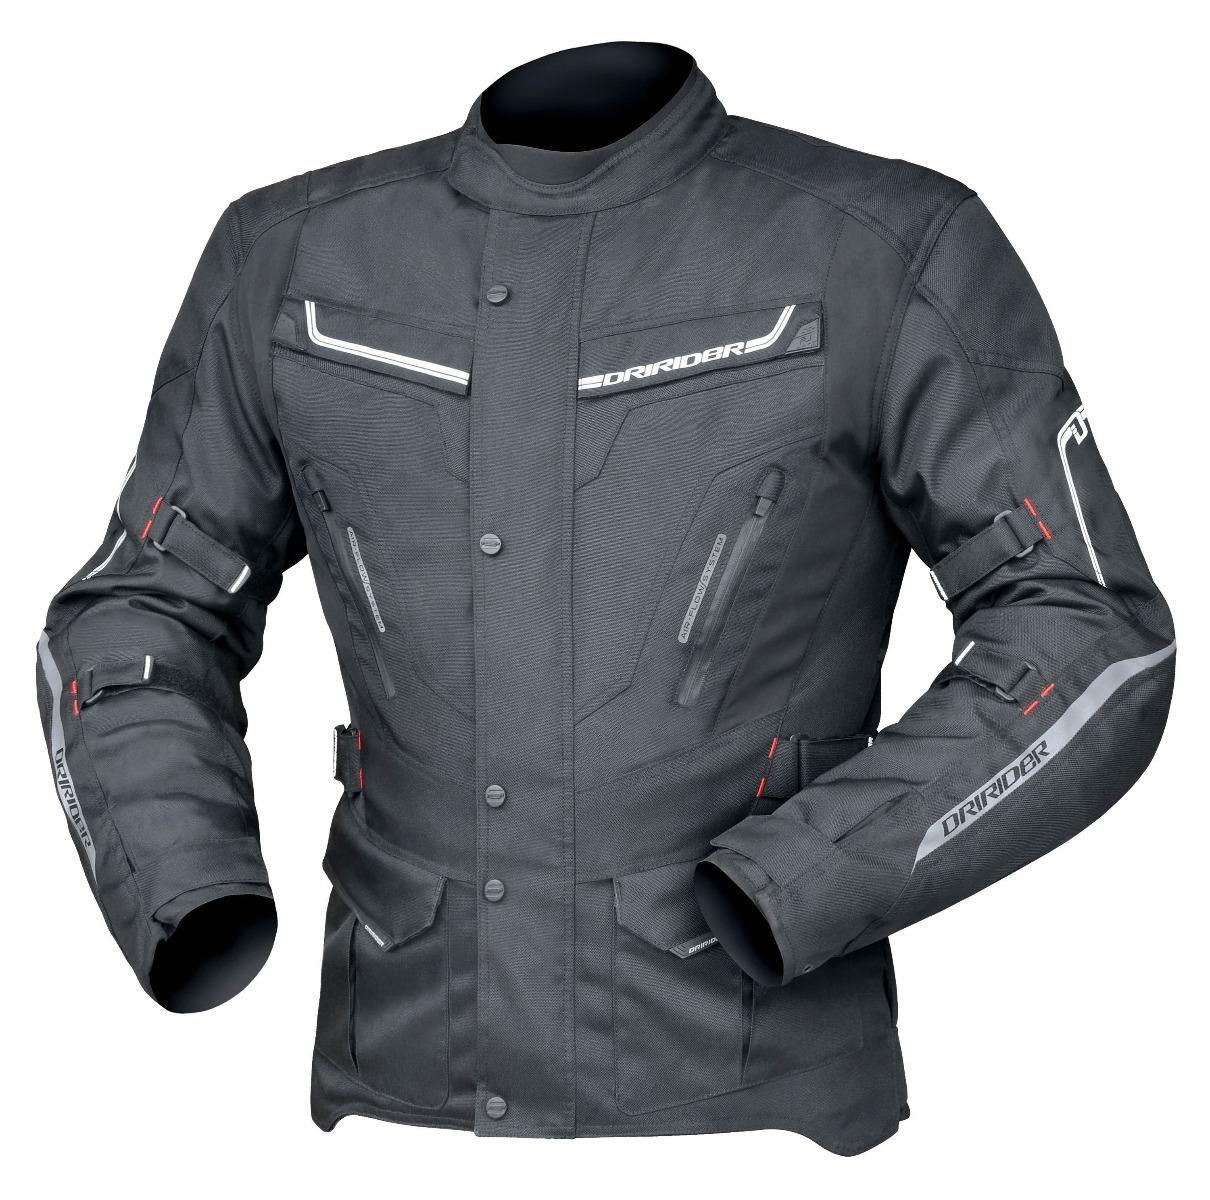 Dririder Apex 5 Black Jacket